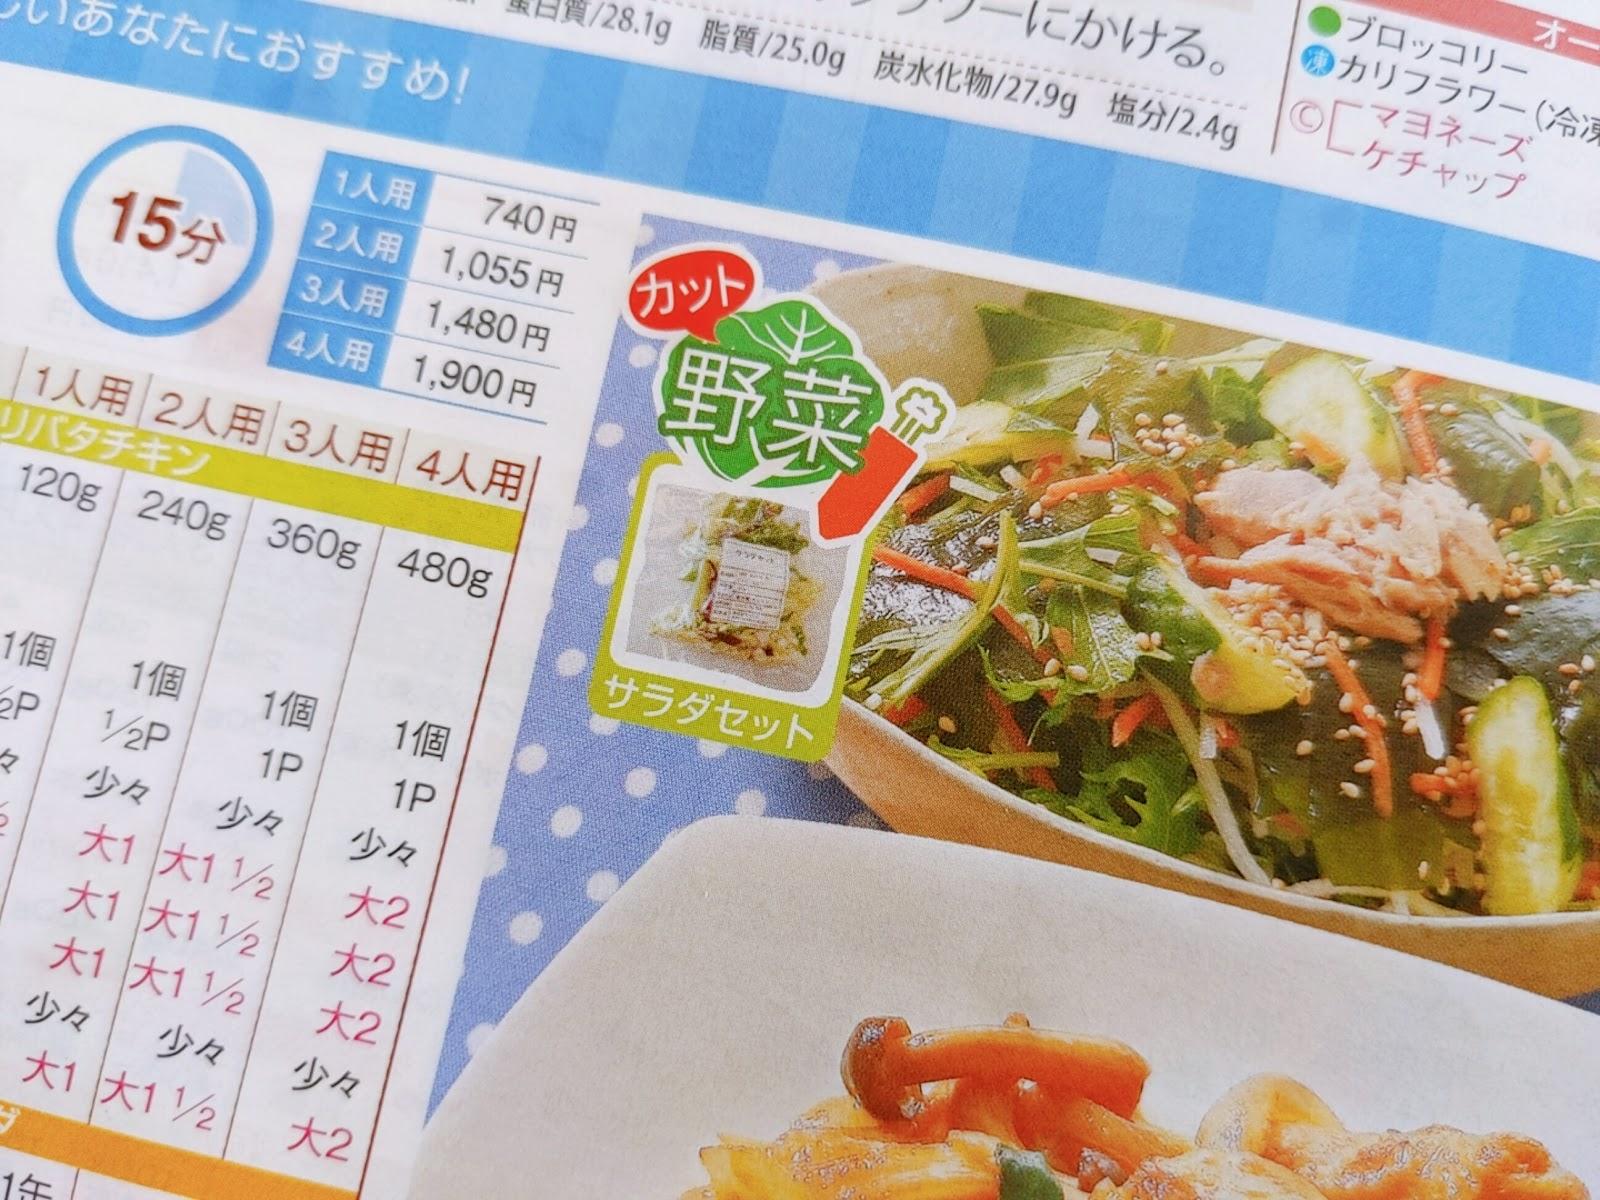 浜松の宅配サービスならサンクック *ママレポ*『カット野菜マーク』のサラダセットが使ってみたらすごく便利だった♪